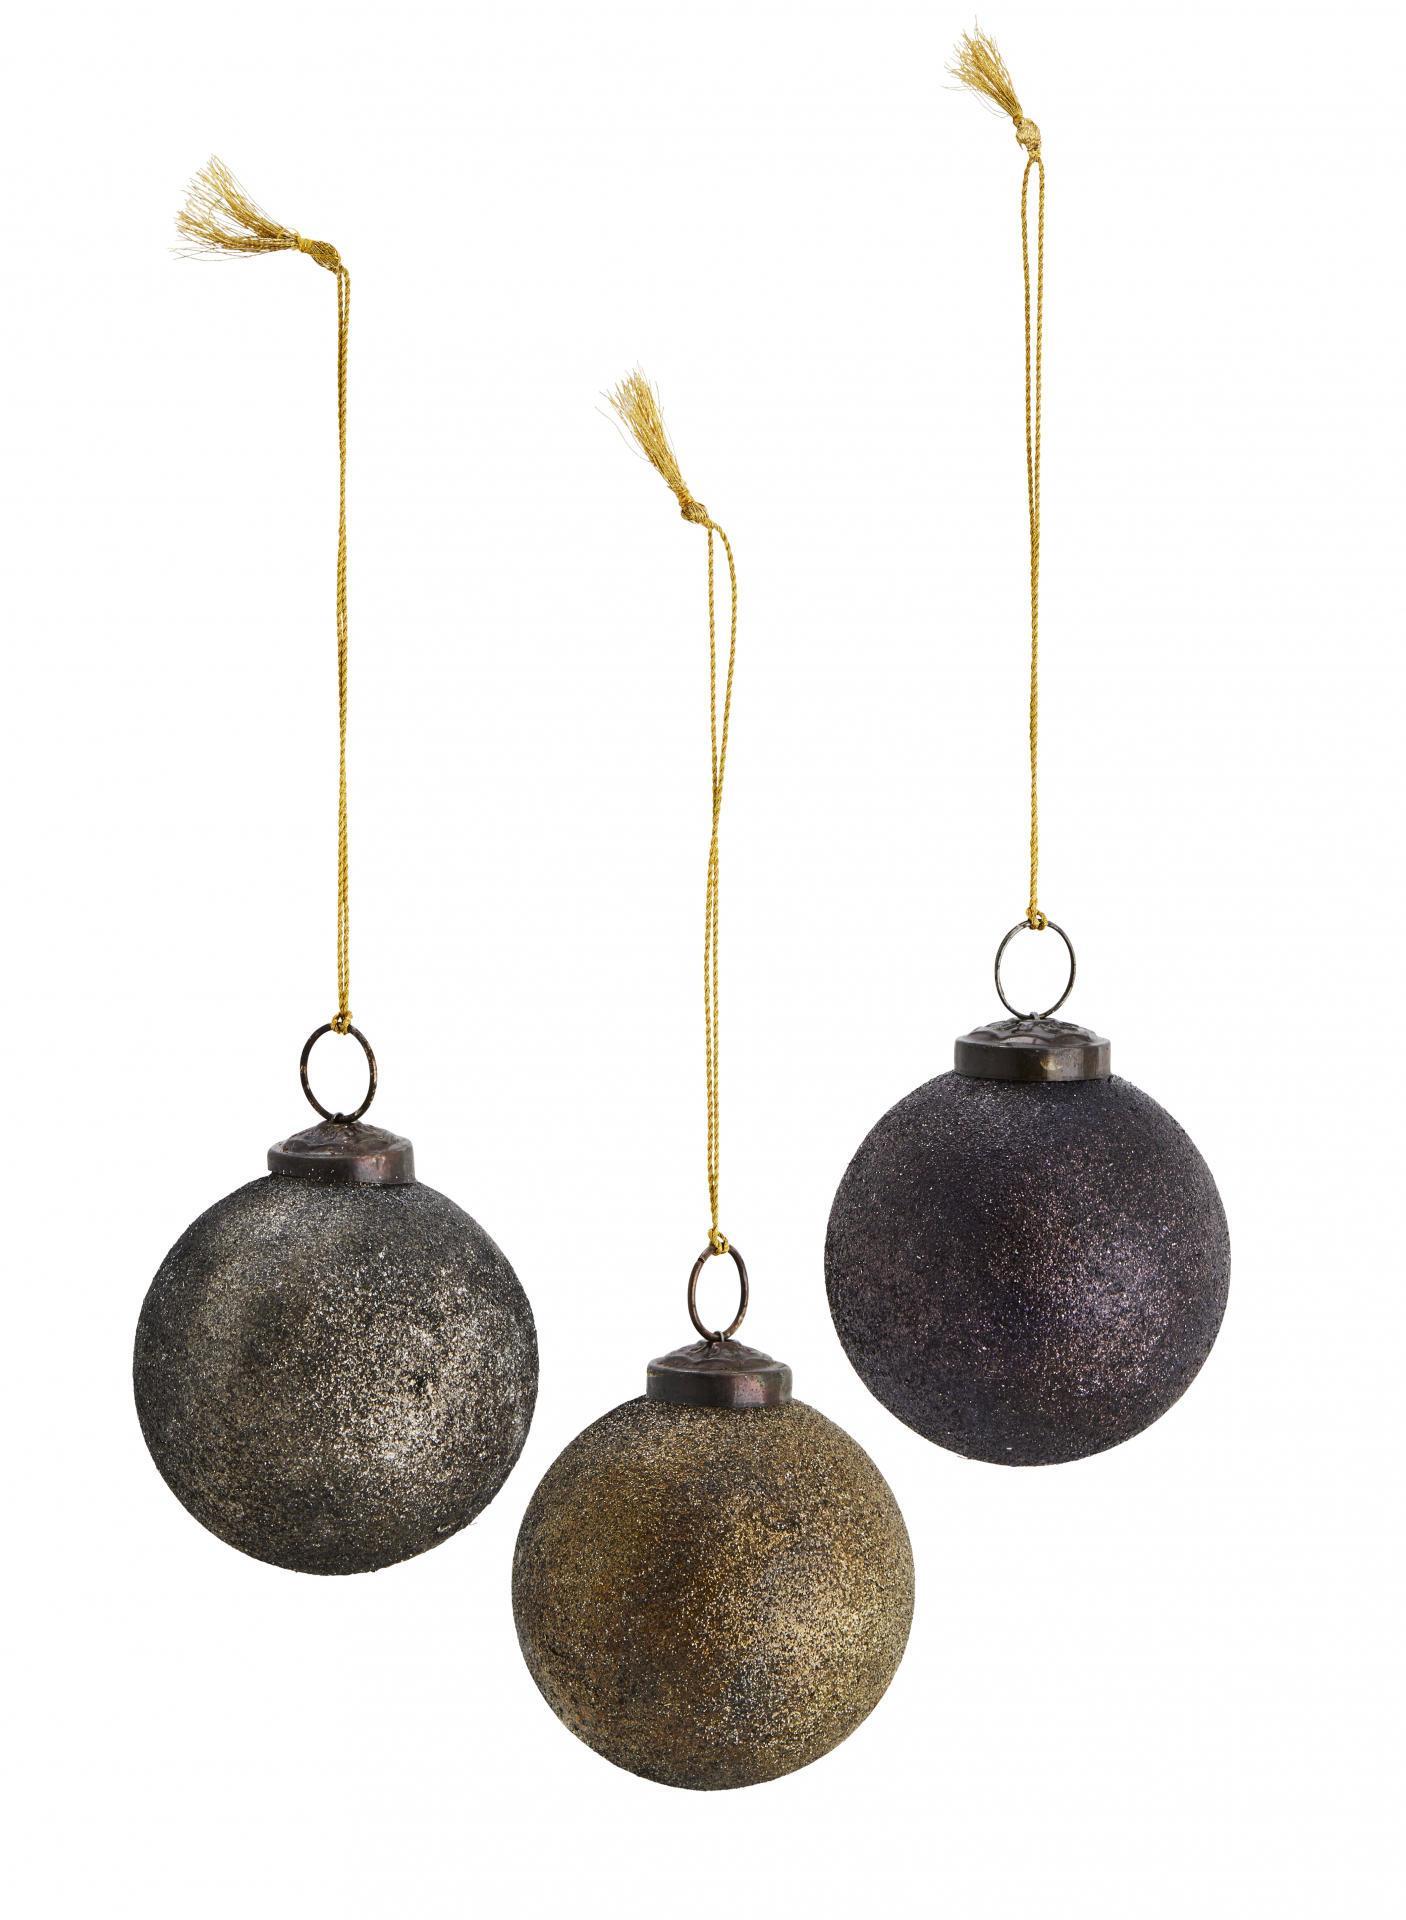 MADAM STOLTZ Vánoční baňky Glitter 7 cm - set 3 ks, fialová barva, zlatá barva, stříbrná barva, sklo